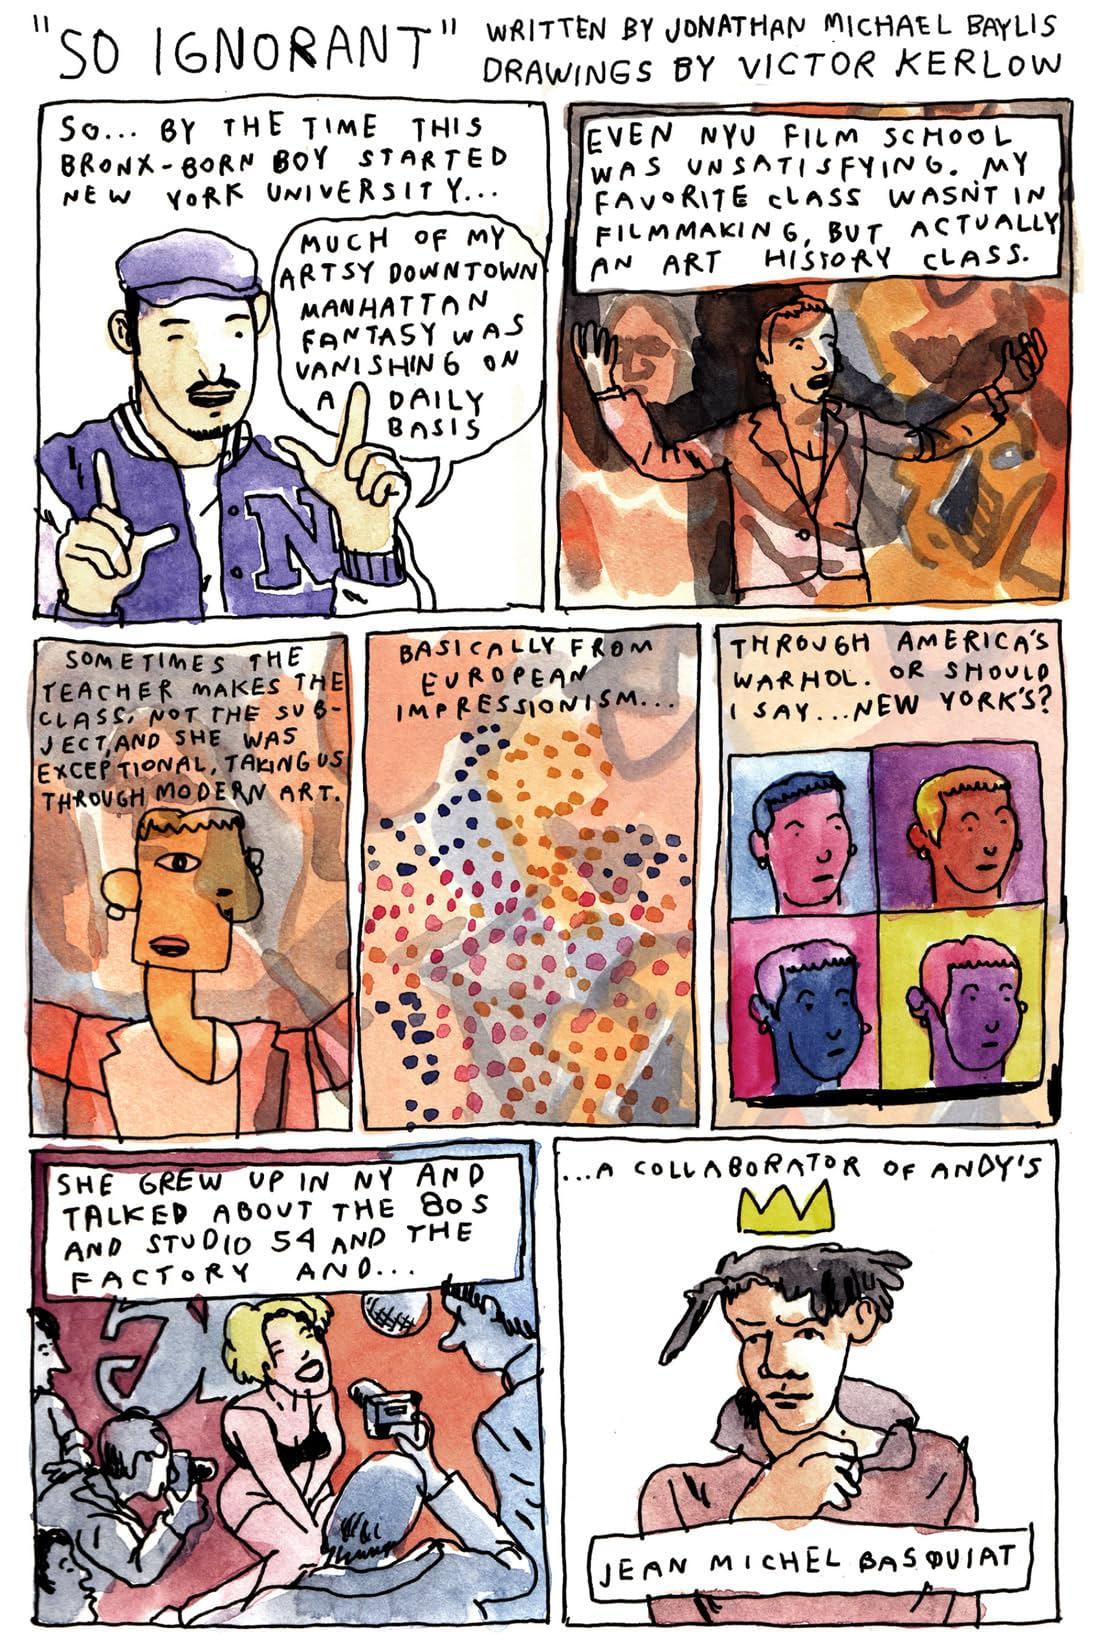 So Buttons Vol. 1: Man of, Like, A Dozen Faces